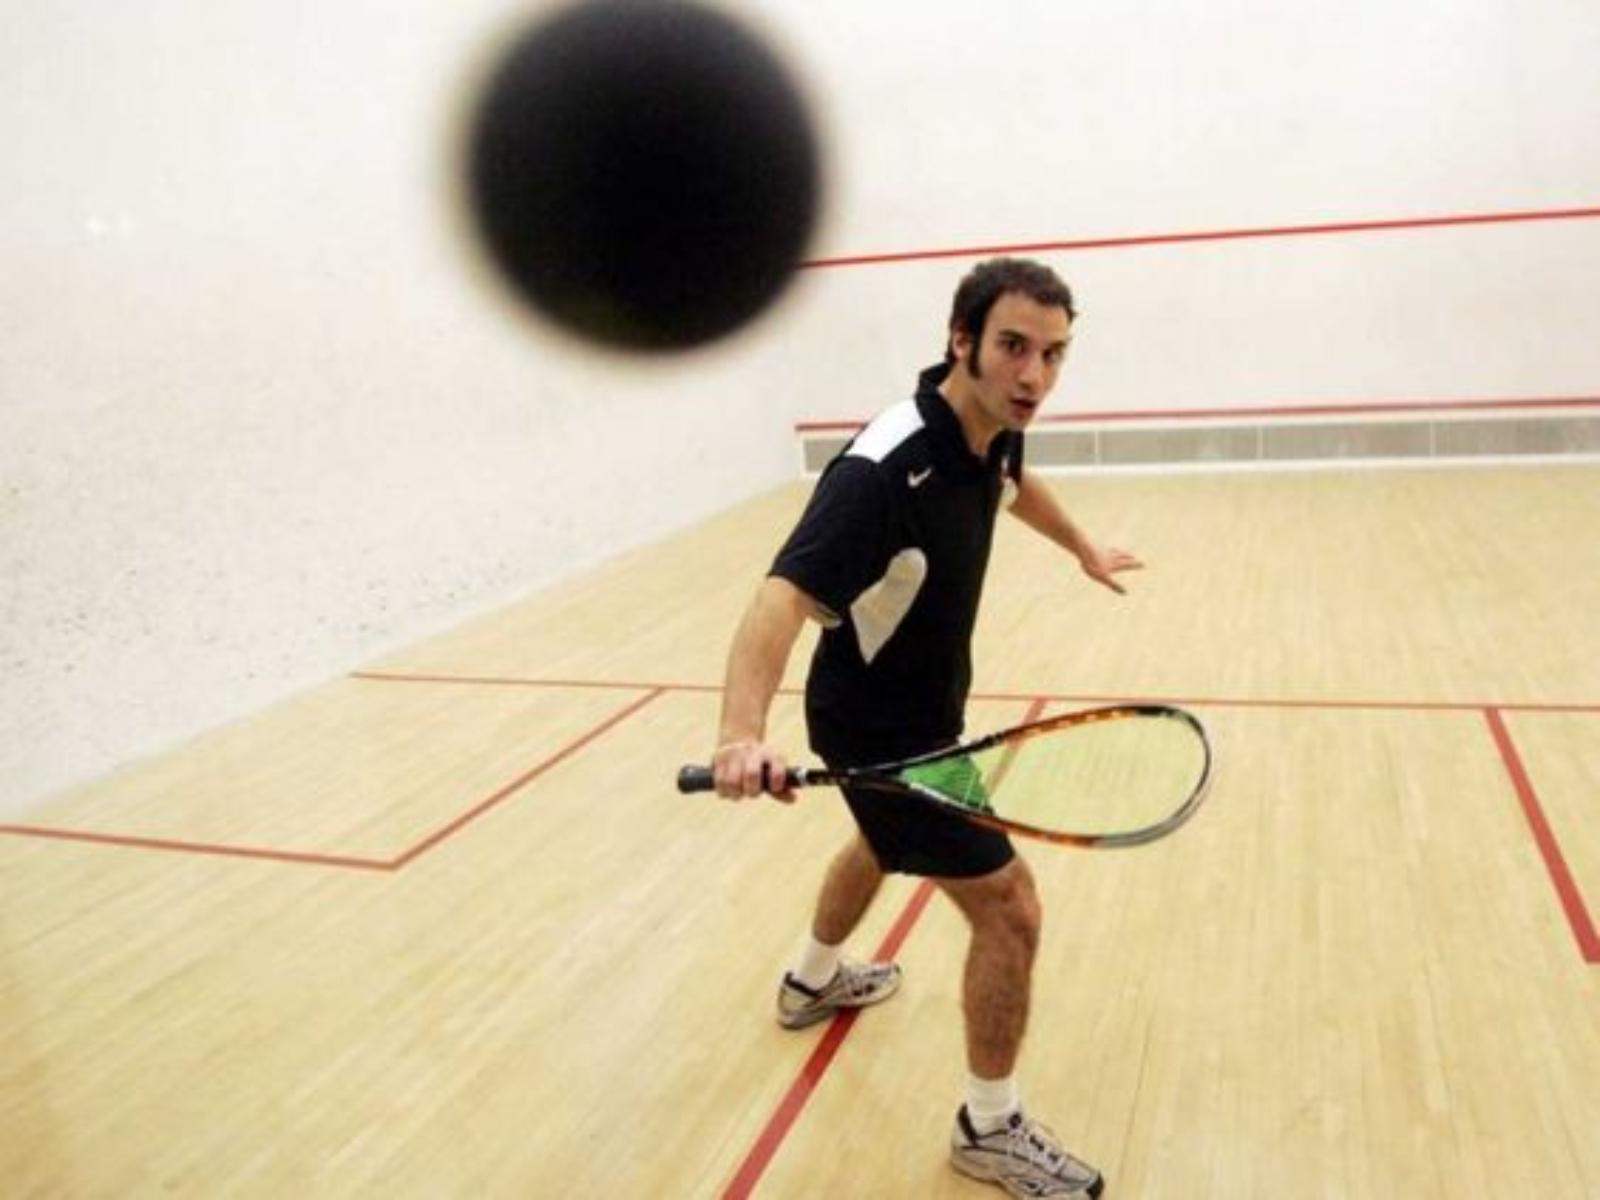 室內運動新體驗:「壁球」會是你最好的選擇!